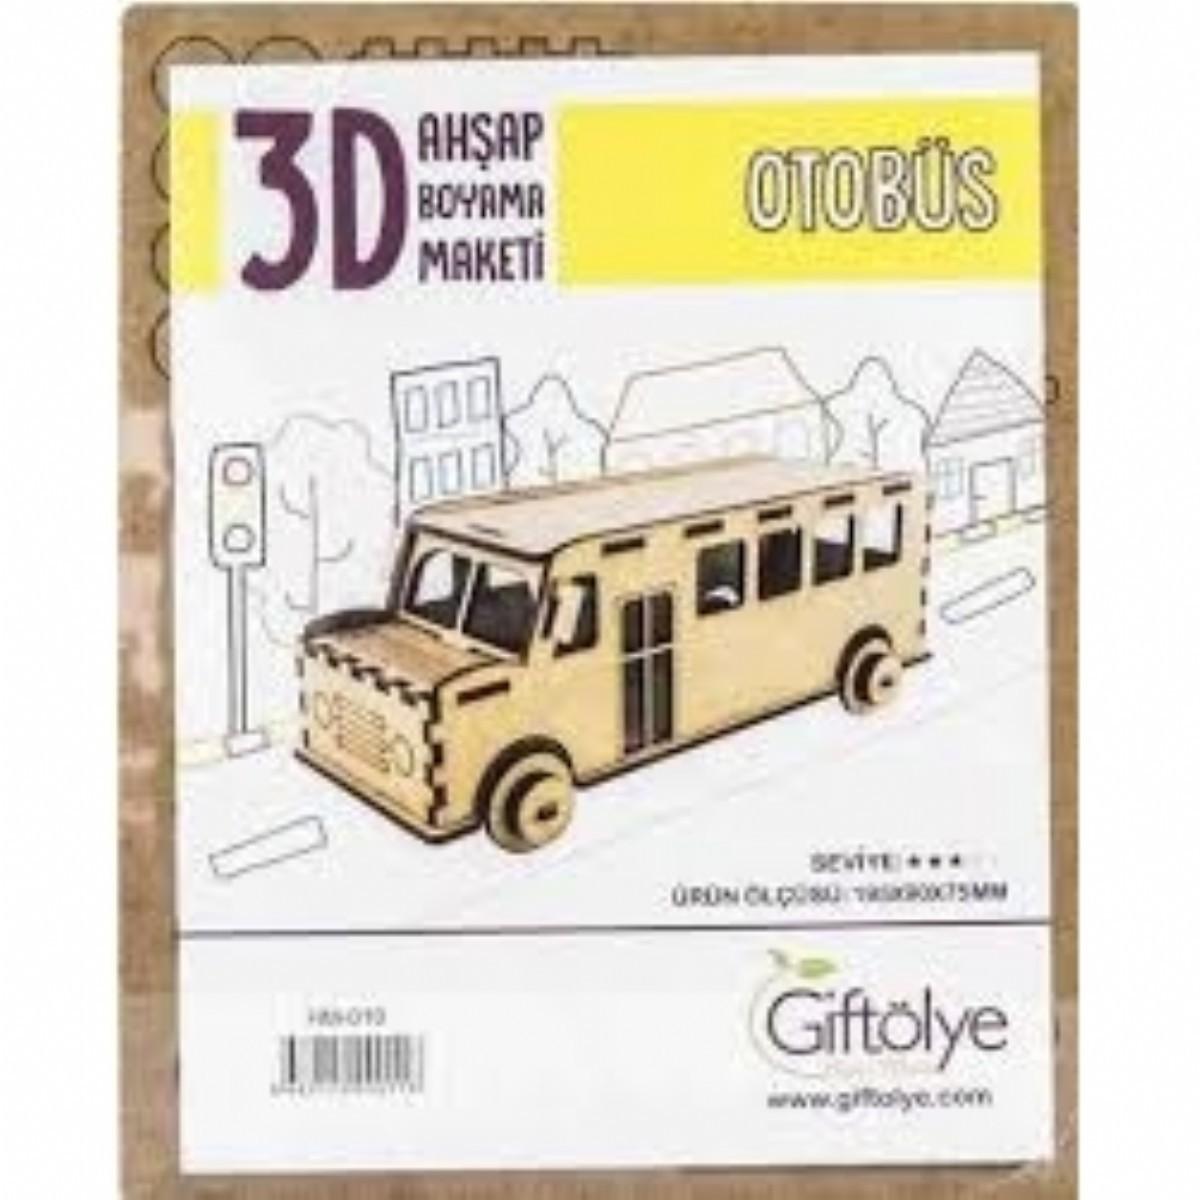 3 D Ahsap Boyama Maketi Otobus Maket Ahsap Boyama Hobi